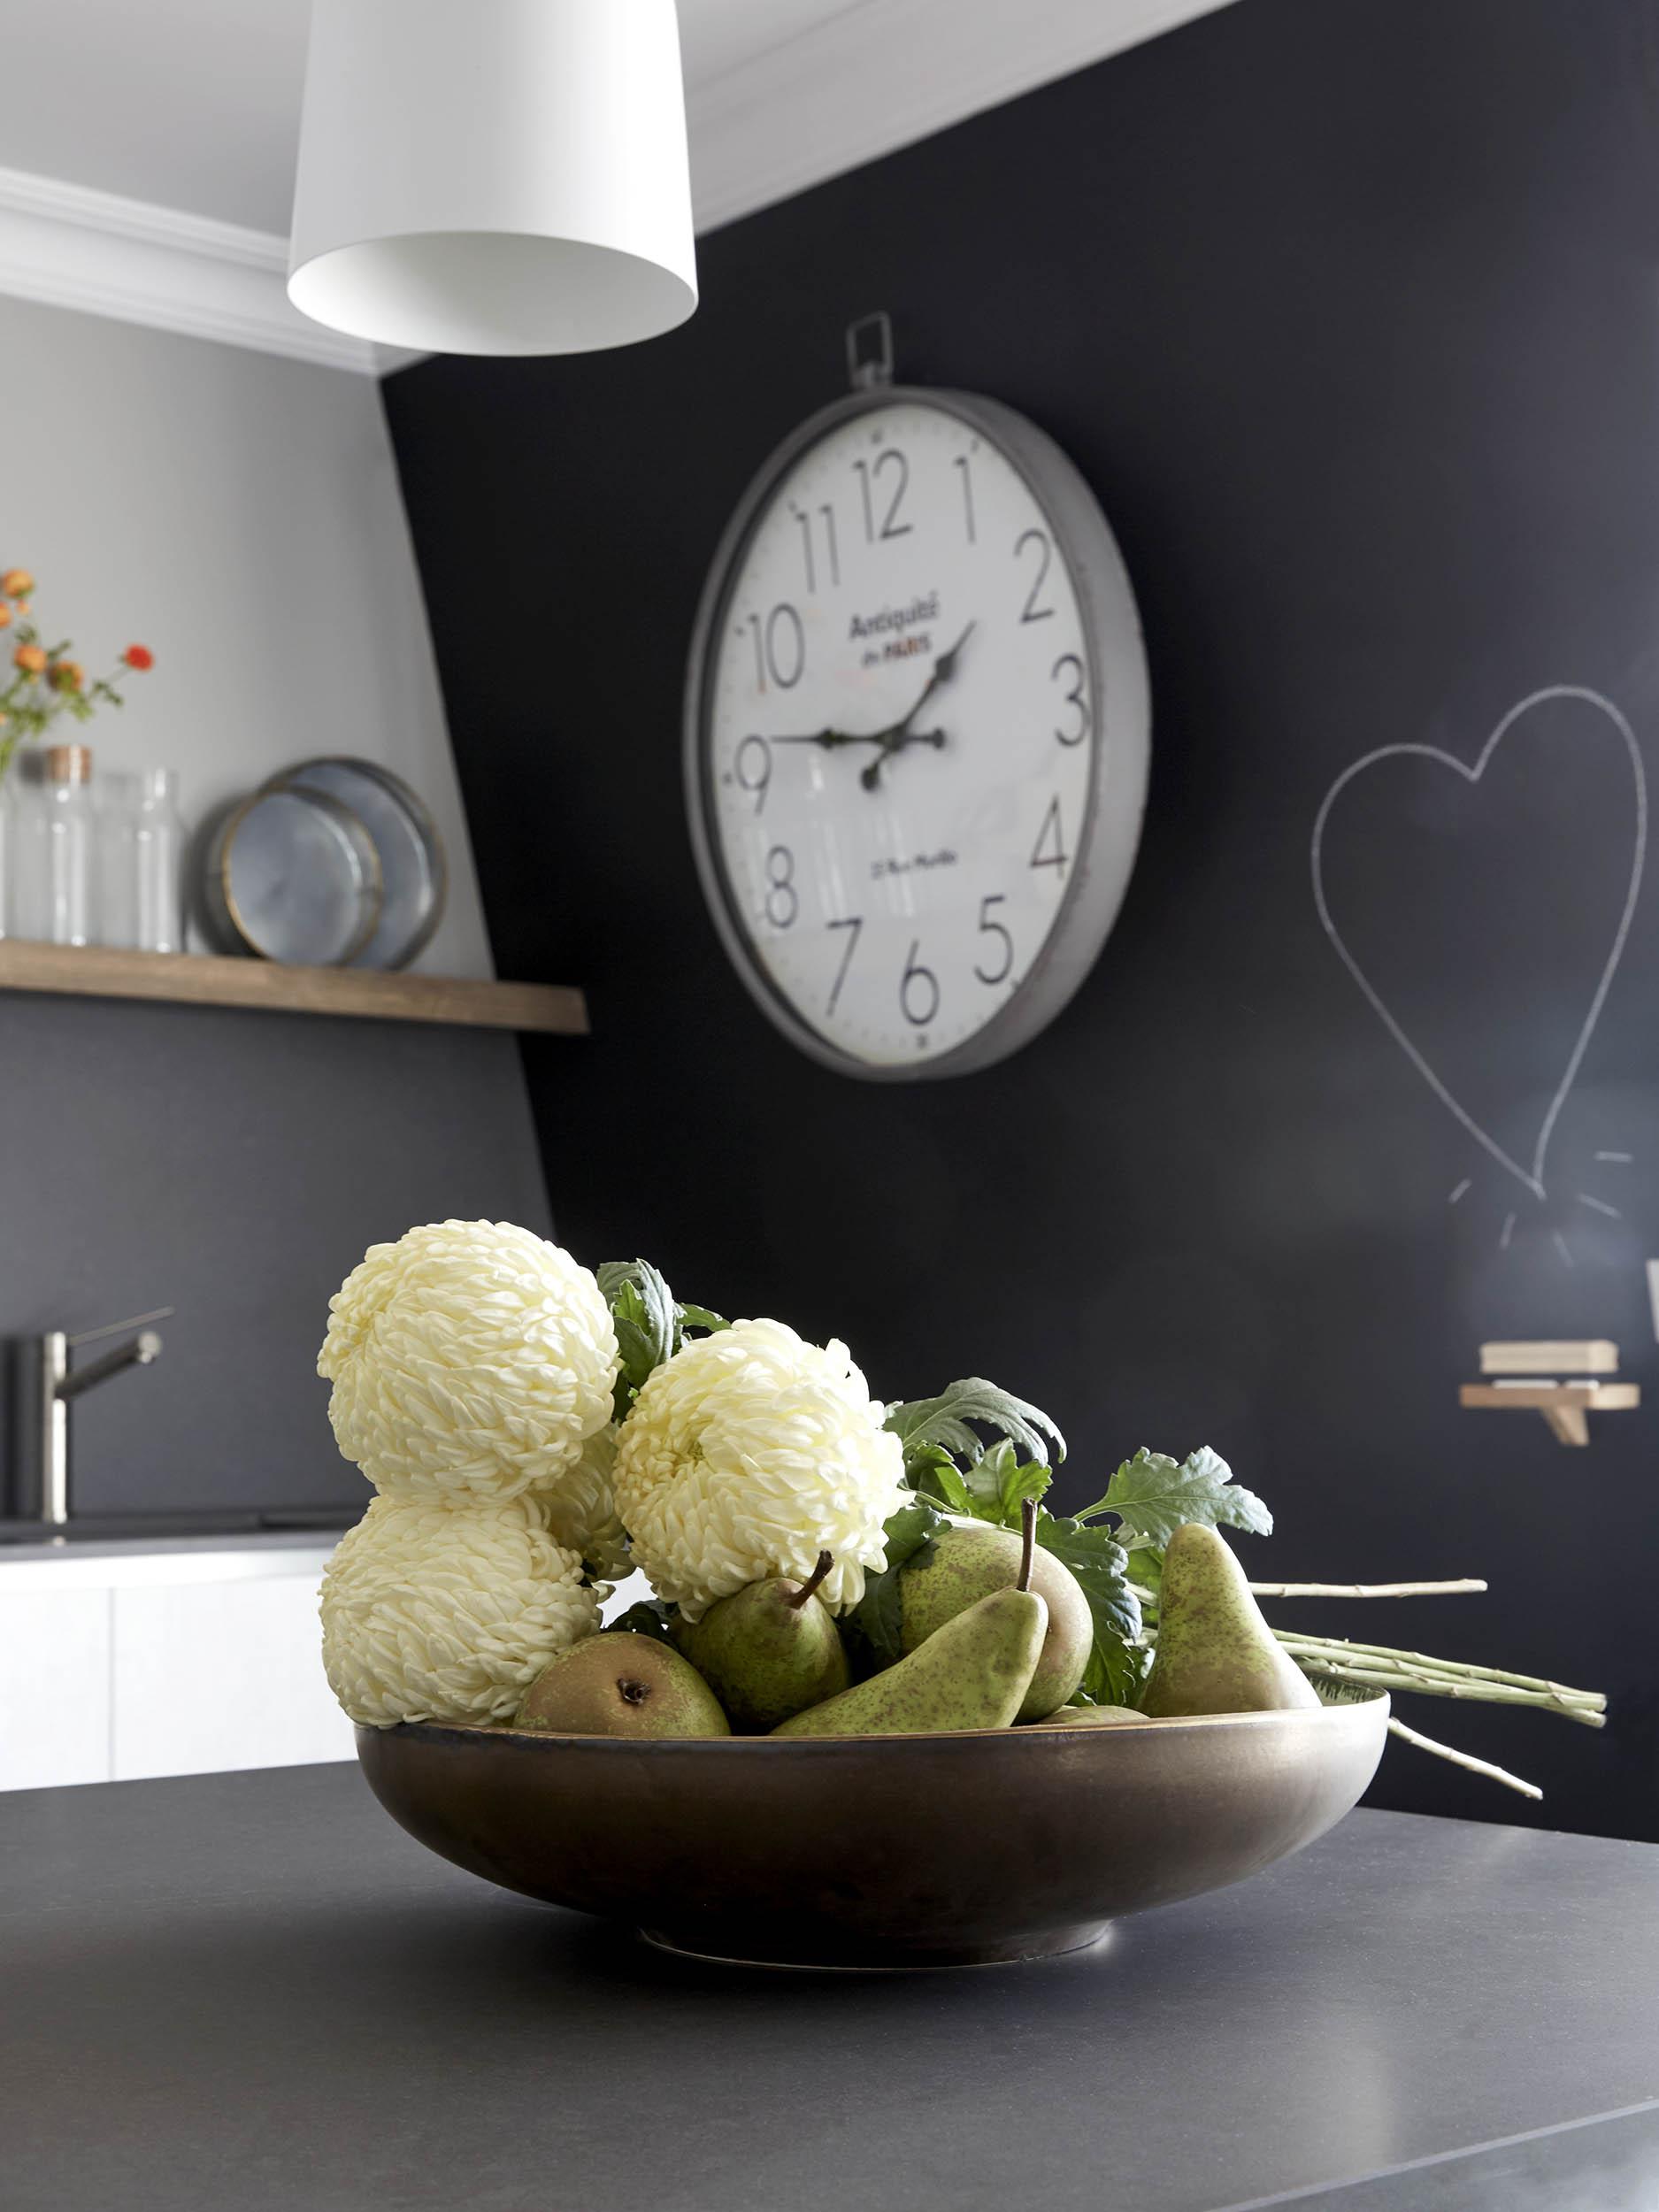 Clock_Flowers.jpg